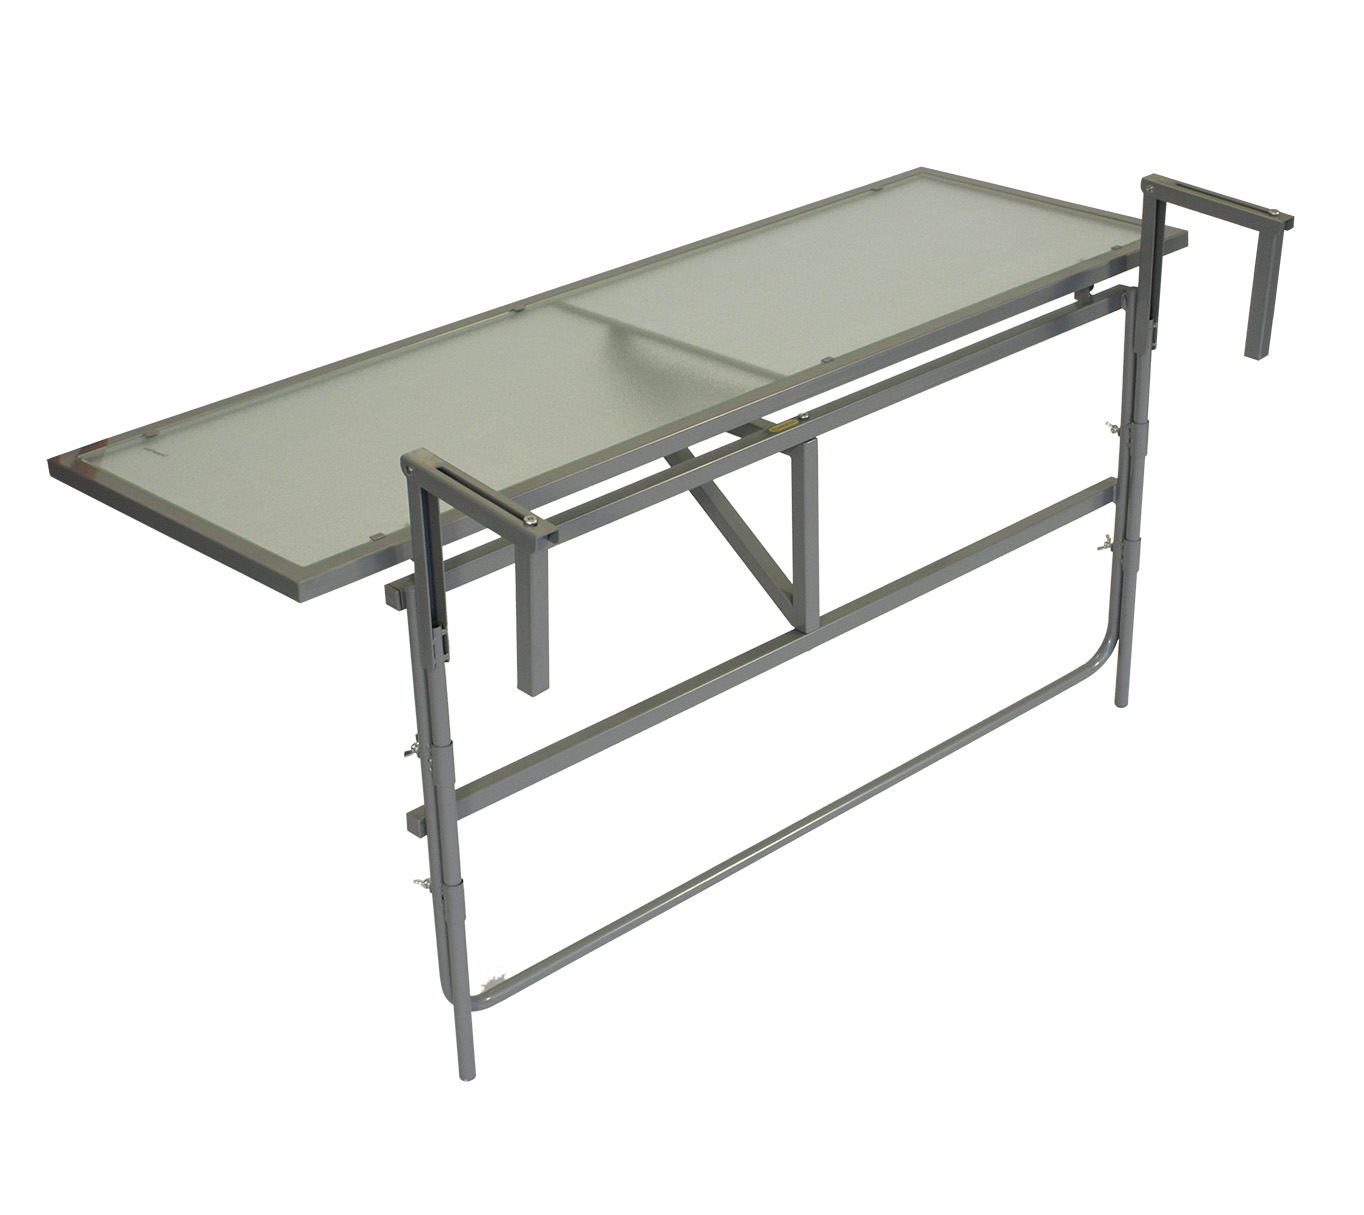 Balkonhängetisch 120x40cm, Stahl silber + Glas